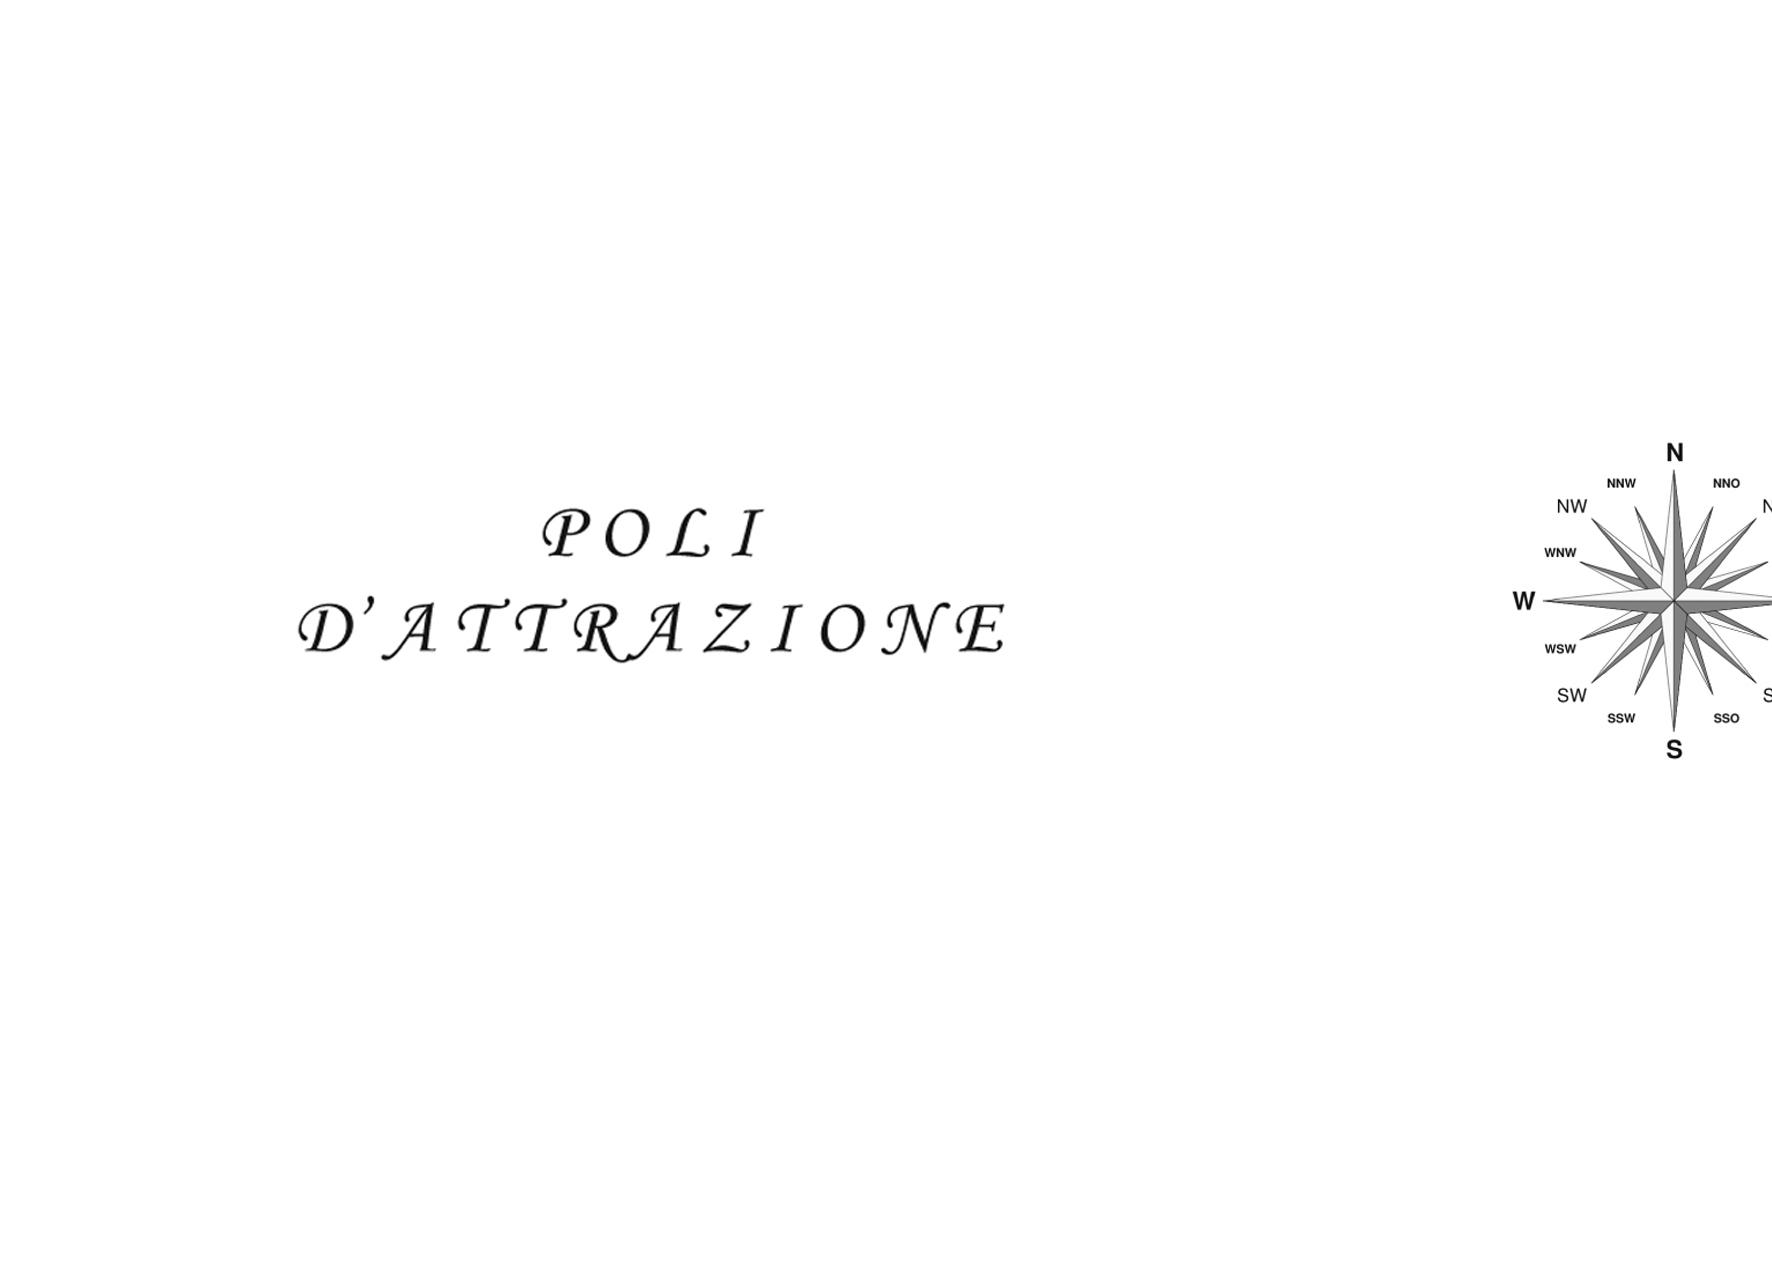 poli-dattrazione-1.jpg